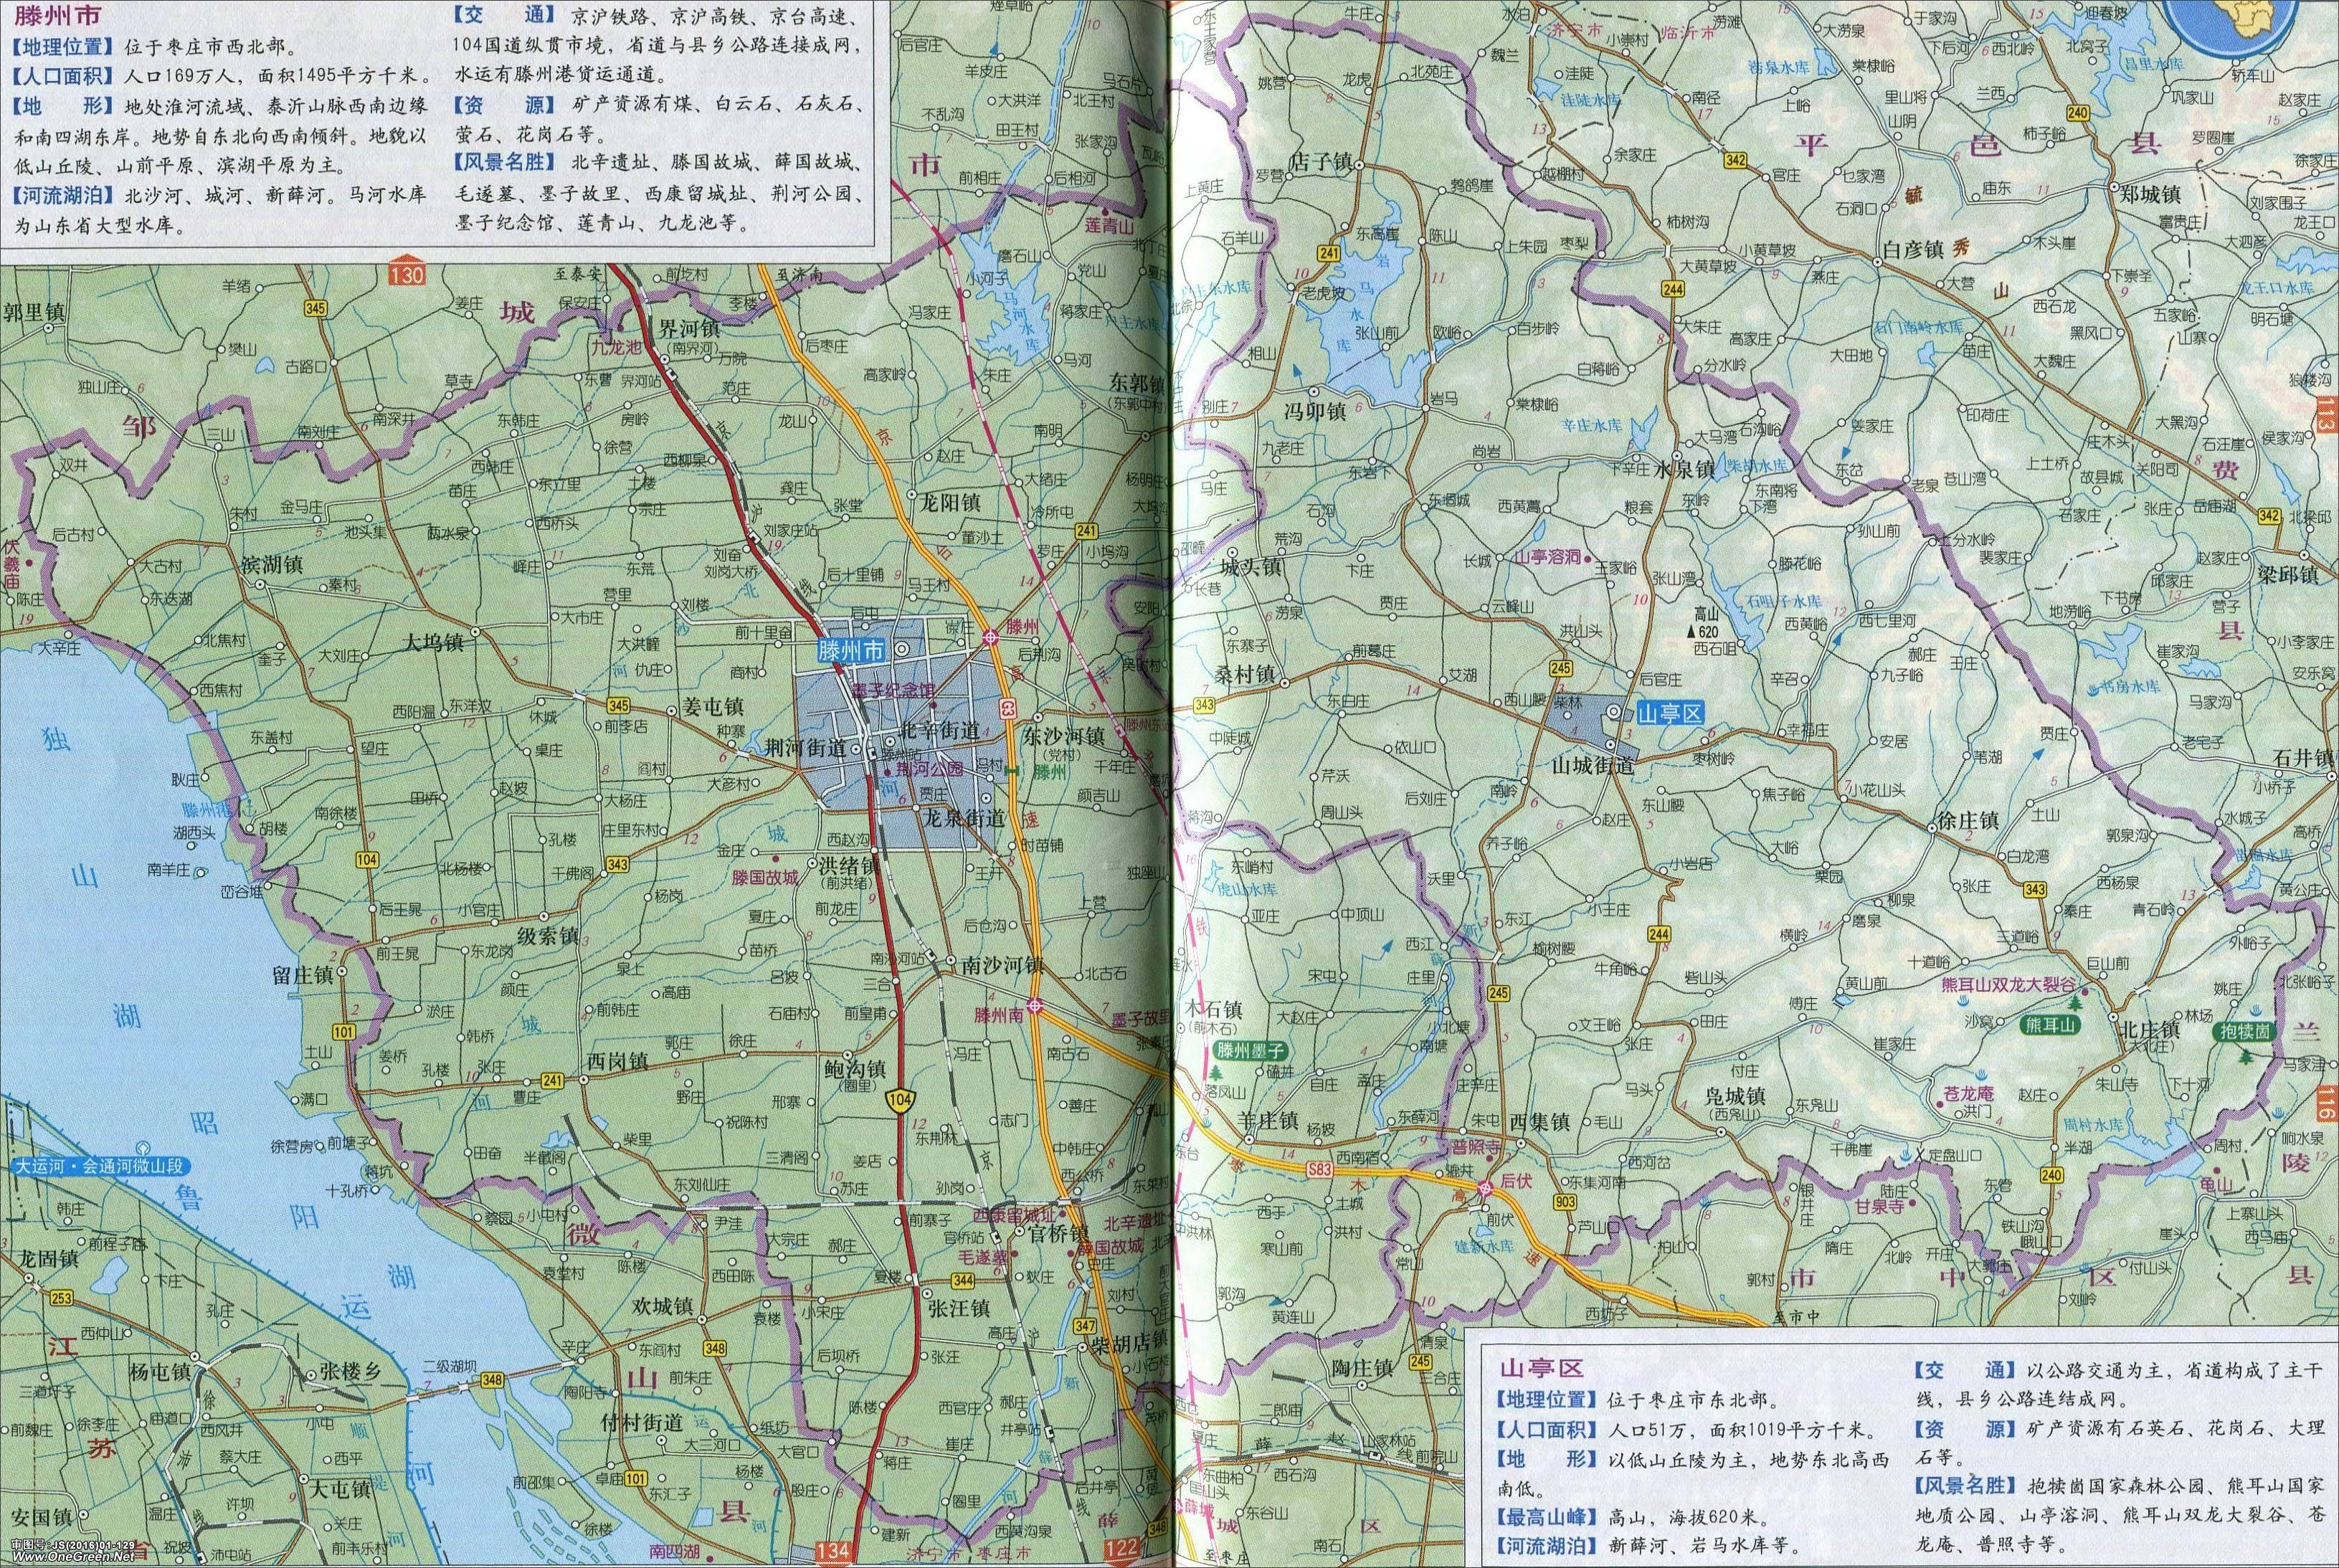 滕州市_山亭区地图